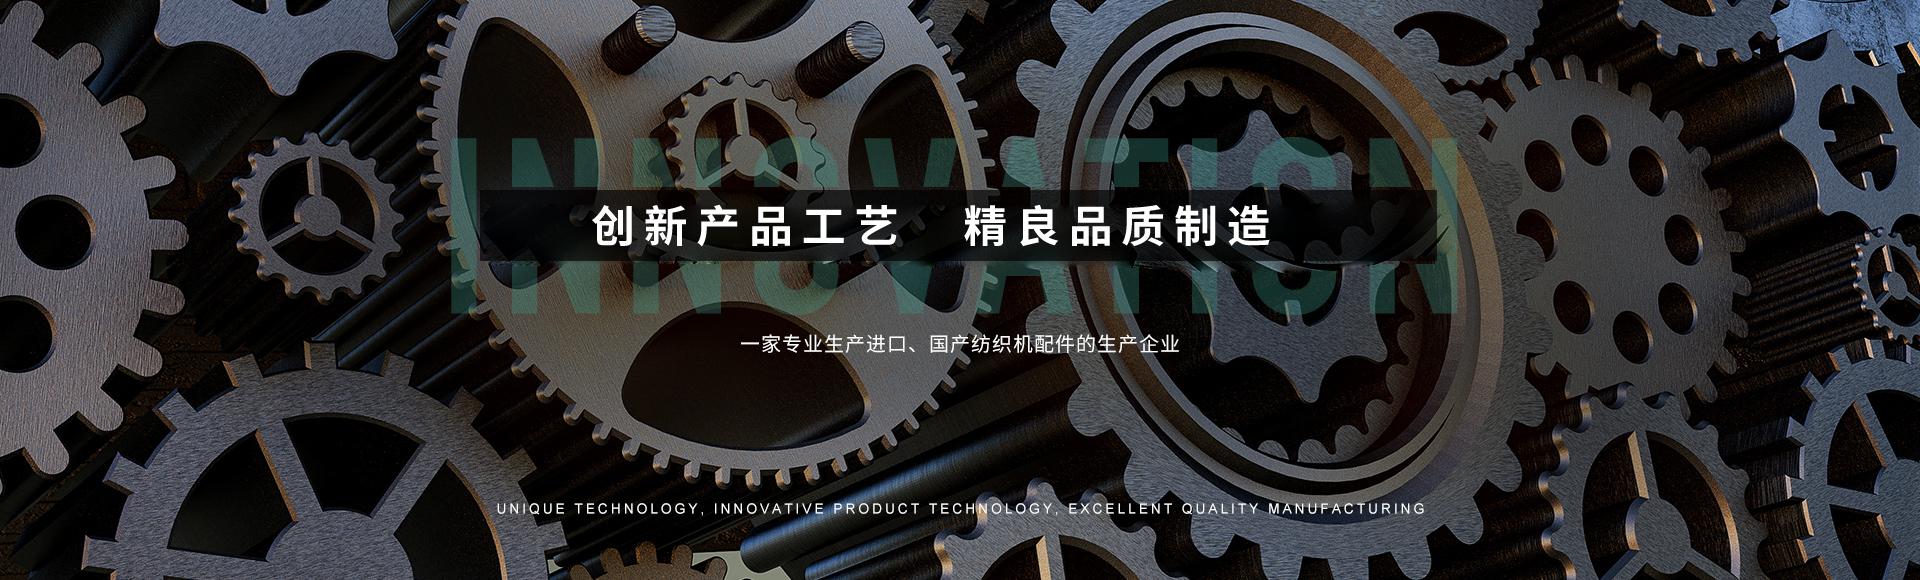 揚州市友聯機械有限公司